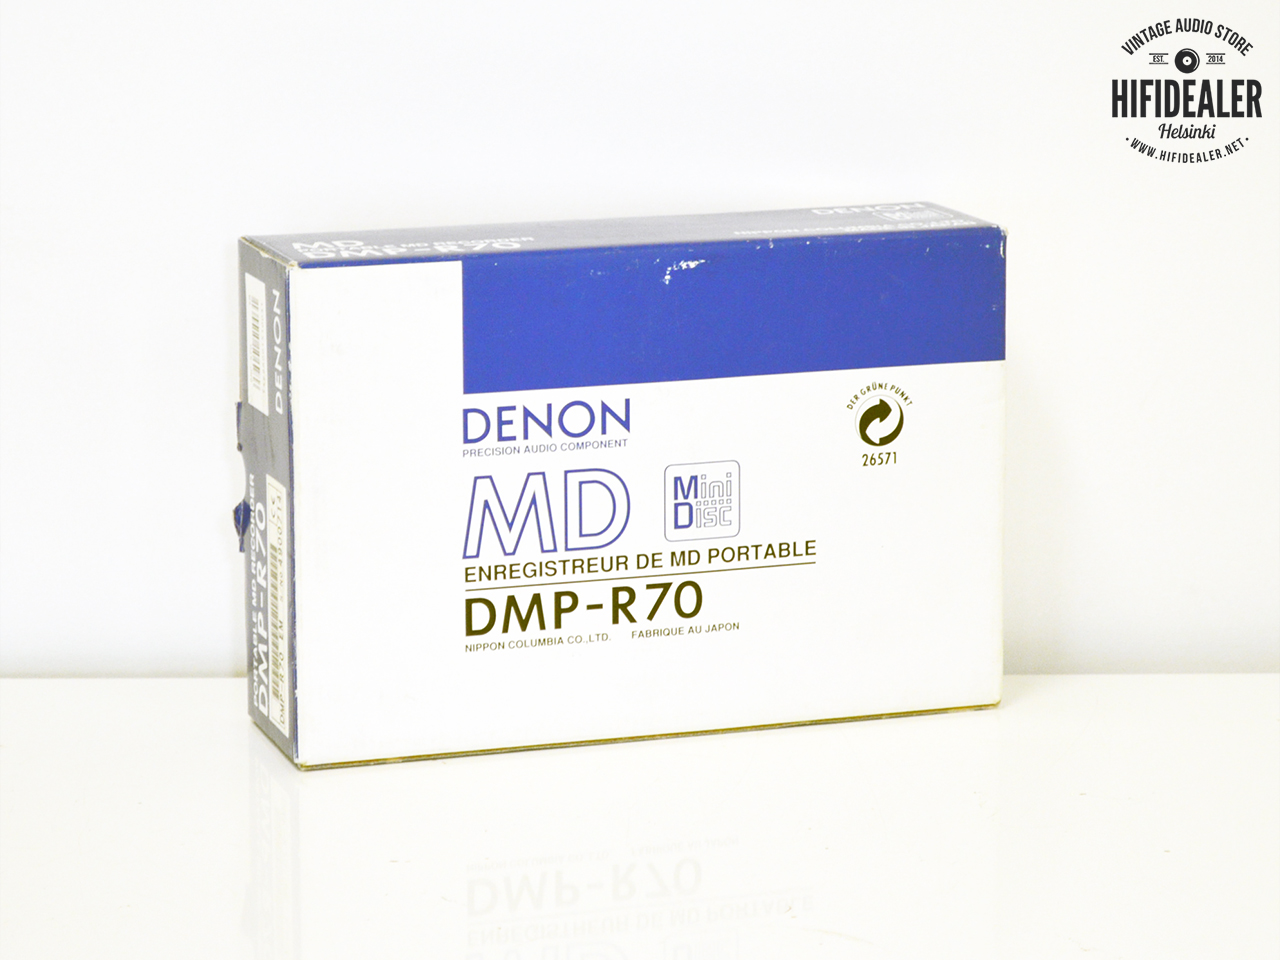 denon-dmp-r70-2